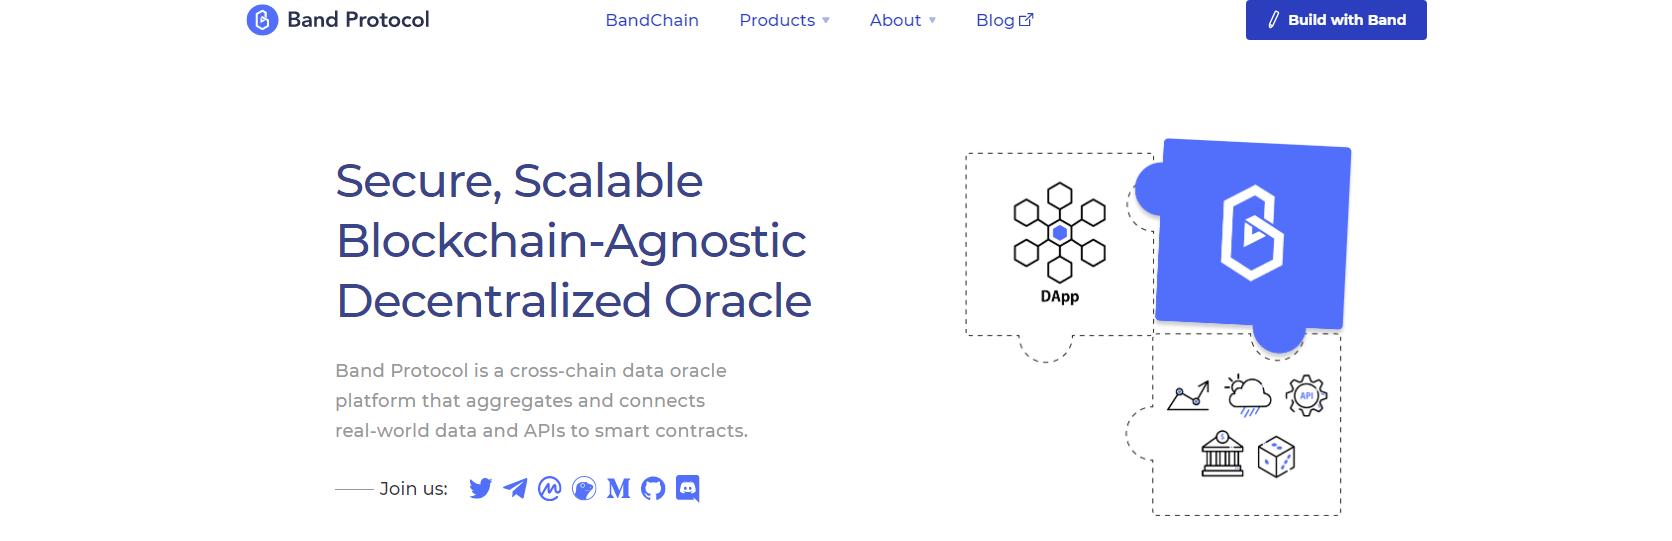 band-protocol-homepage